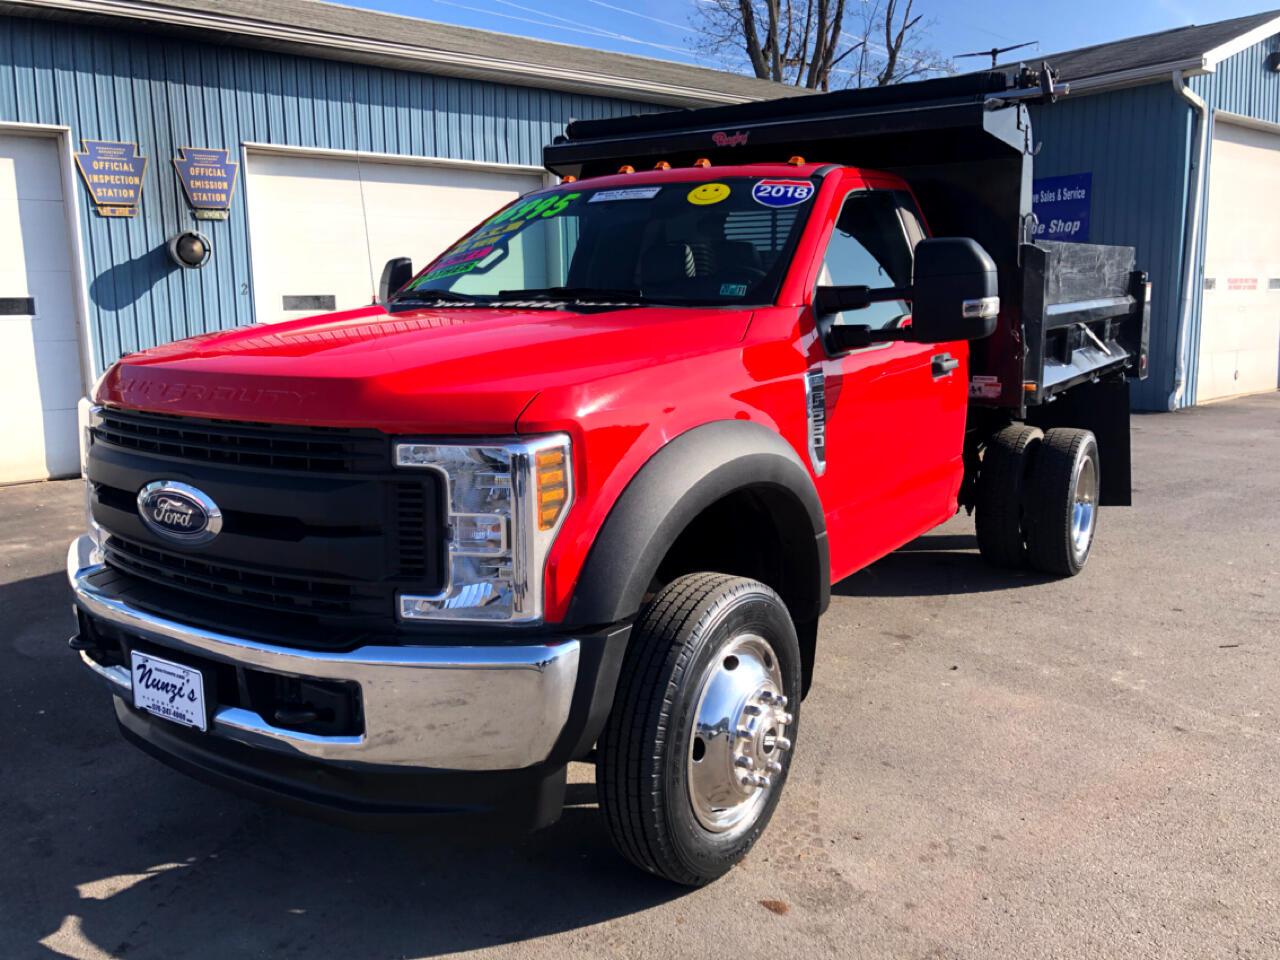 2018 Ford Super Duty F-550 DRW XL 4WD Dump Truck